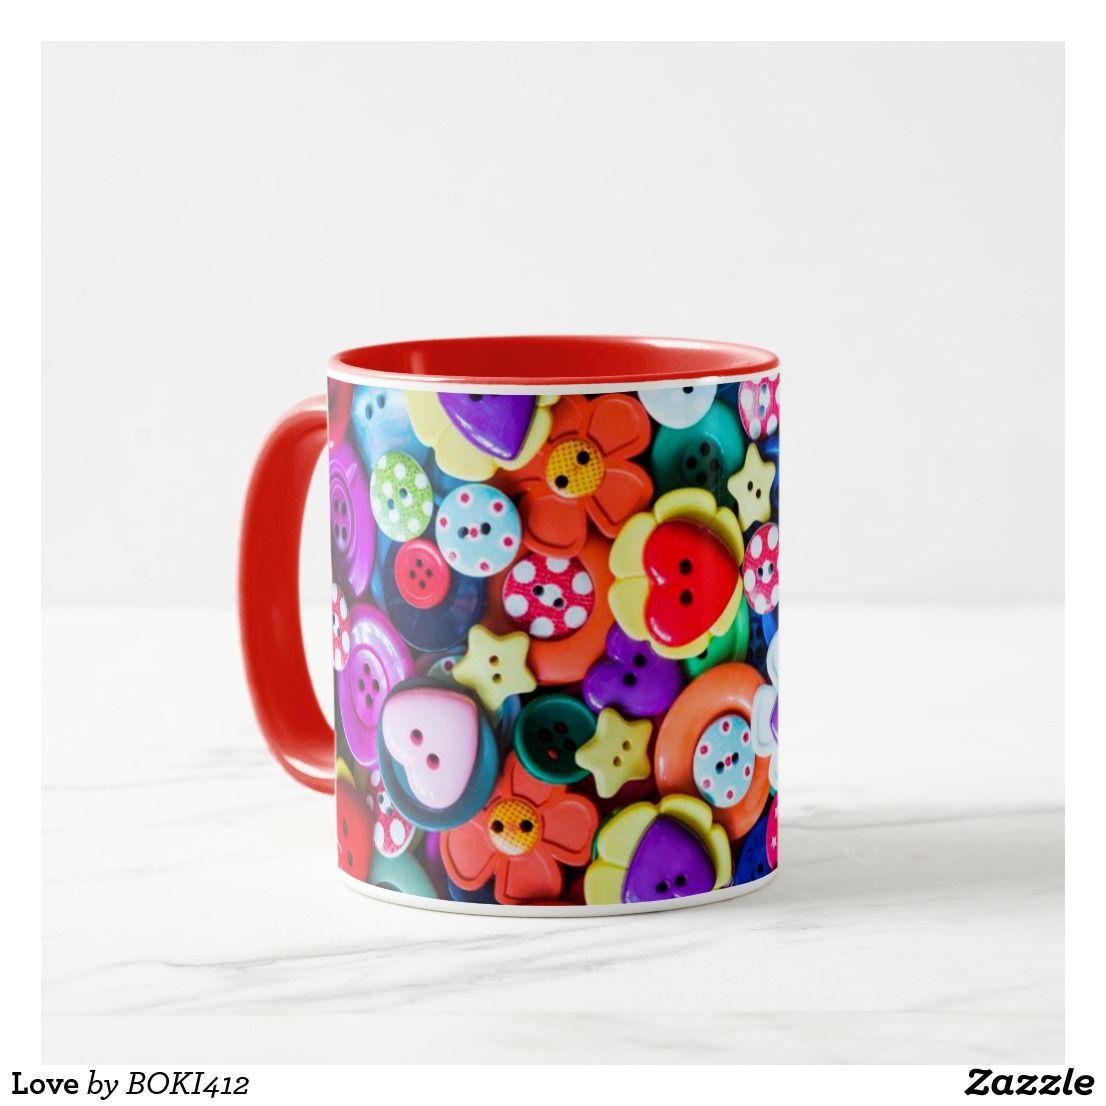 Love Mug #bosscoffee